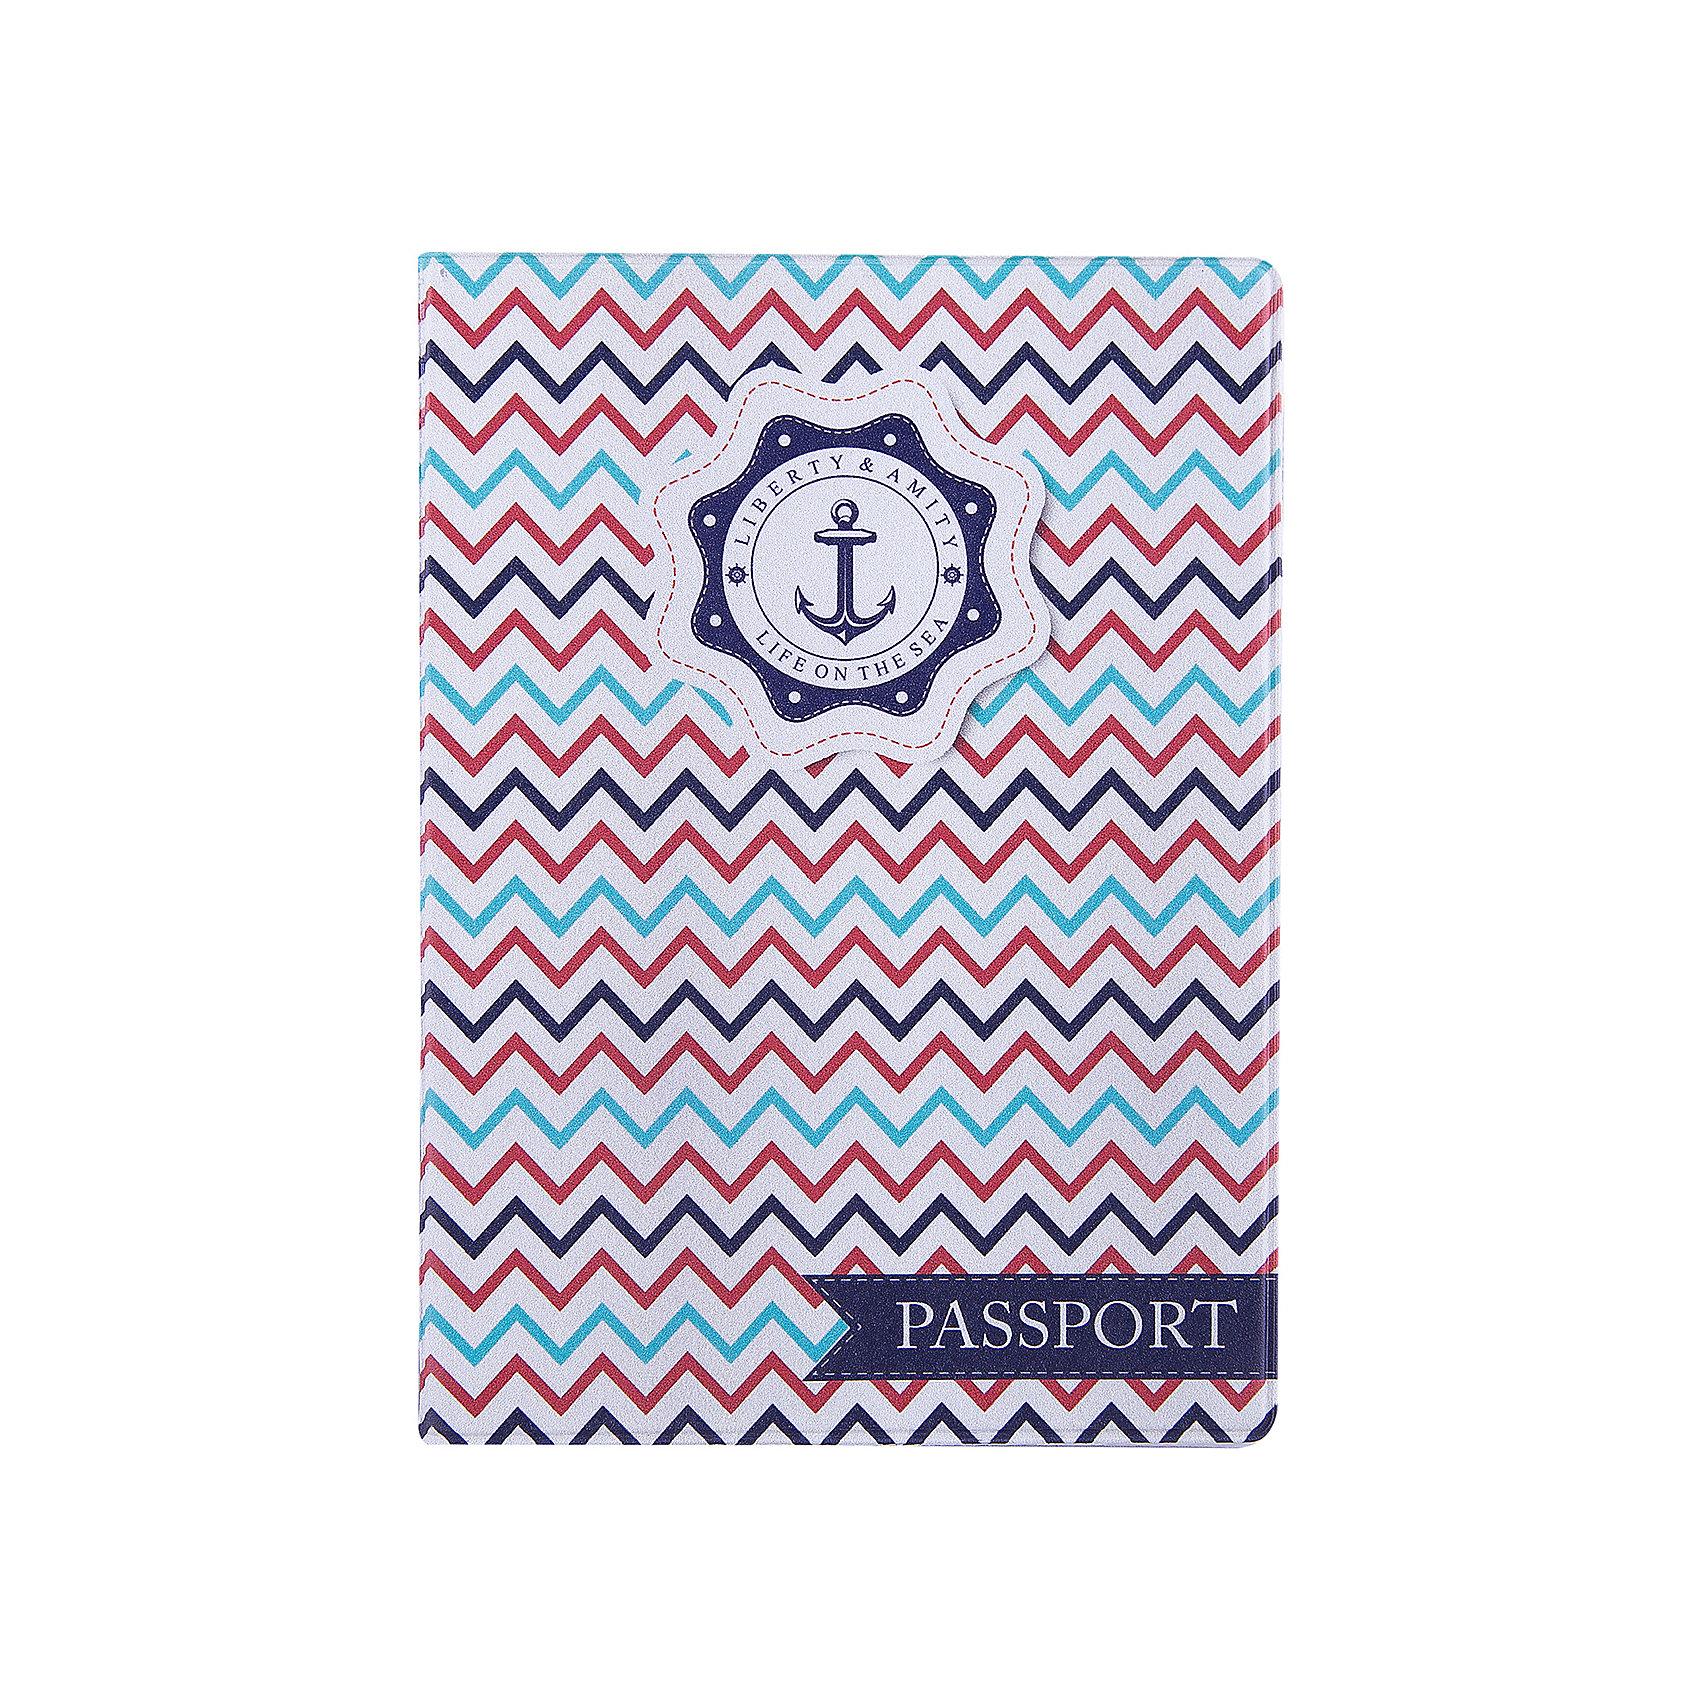 Обложка для паспорта Якорь, Феникс-ПрезентОбложки на паспорт<br>Обложка для паспорта Якорь, Феникс-Презент <br><br>Характеристики:<br><br>• оригинальный дизайн<br>• высокая прочность<br>• размер: 13,3х19,1 см<br>• материал: ПВХ<br><br>Для защиты документов от намокания, истирания и других повреждений необходимо выбрать прочную обложку. Обложка Якорь изготовлена из качественного поливинилхлорида, устойчивого к износу. На обложке изображен красивый узор в полоску и якорь. Качественная обложка с оригинальным дизайном подчеркнет индивидуальность и поднимет настроение.<br><br>Обложку для паспорта Якорь, Феникс-Презент вы можете купить в нашем интернет-магазине.<br><br>Ширина мм: 133<br>Глубина мм: 191<br>Высота мм: 50<br>Вес г: 35<br>Возраст от месяцев: 168<br>Возраст до месяцев: 2147483647<br>Пол: Унисекс<br>Возраст: Детский<br>SKU: 5449595